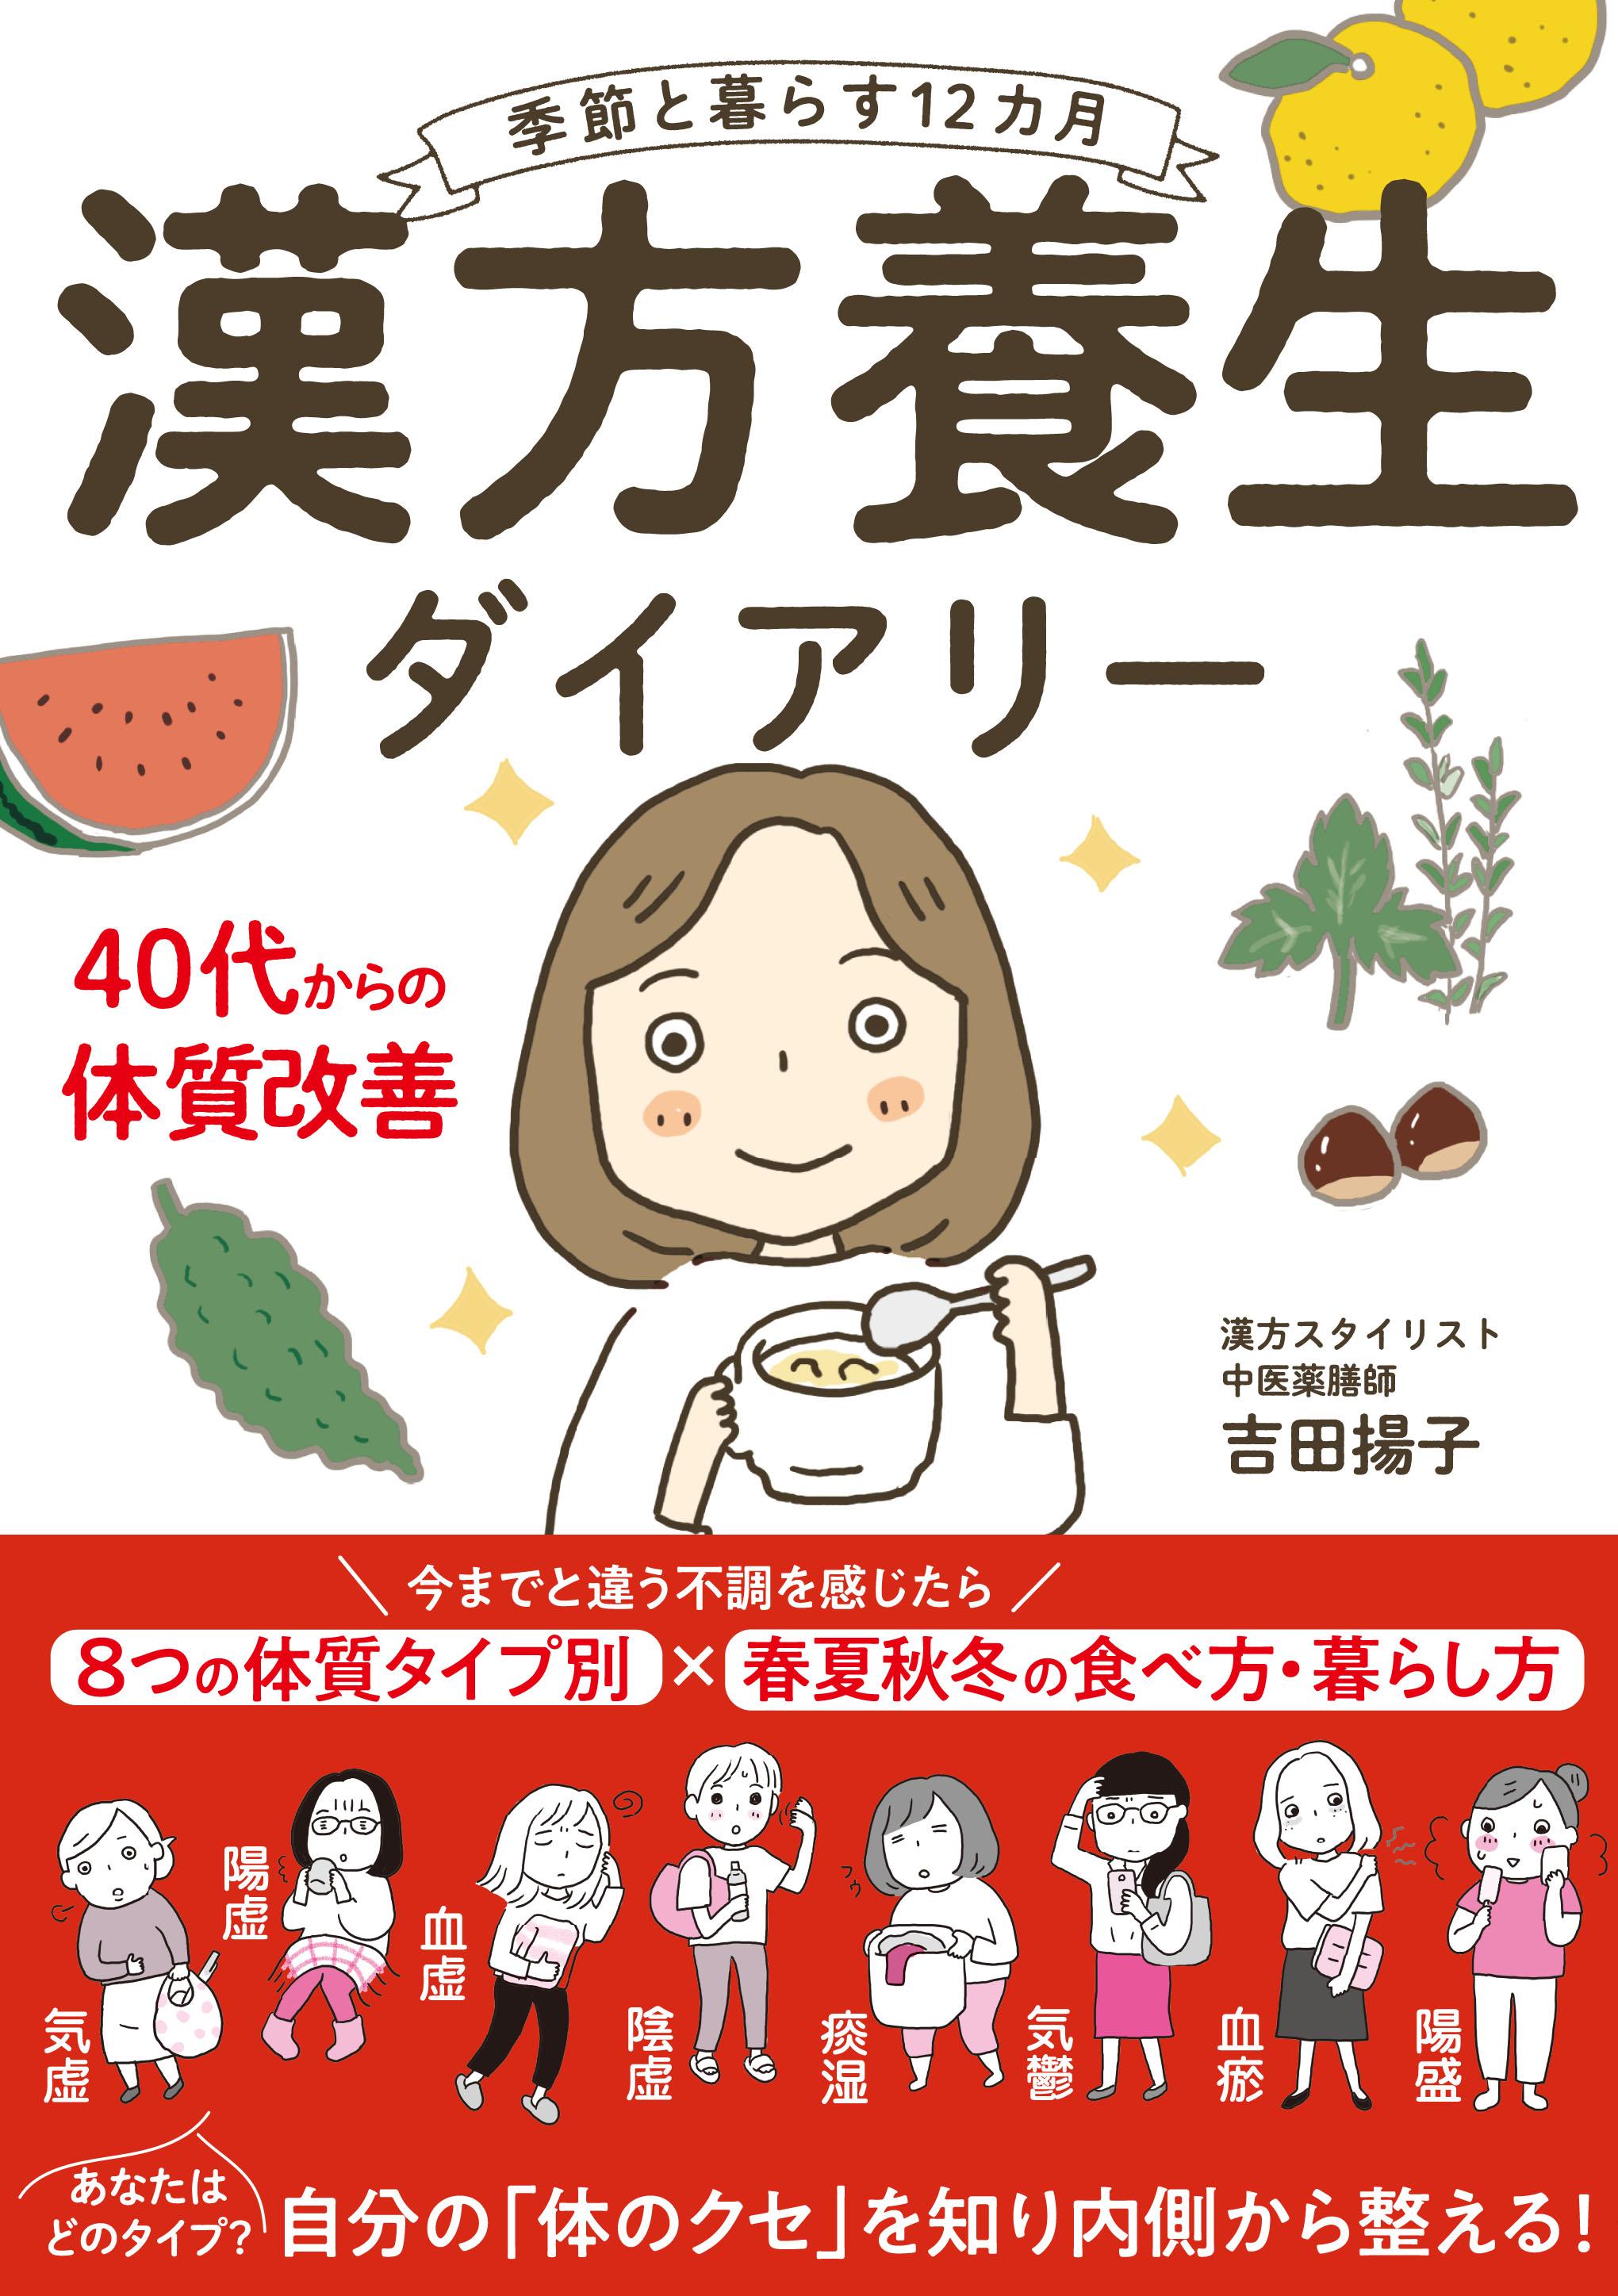 画像は、『季節と暮らす12カ月 漢方養生ダイアリー』(日本文芸社)